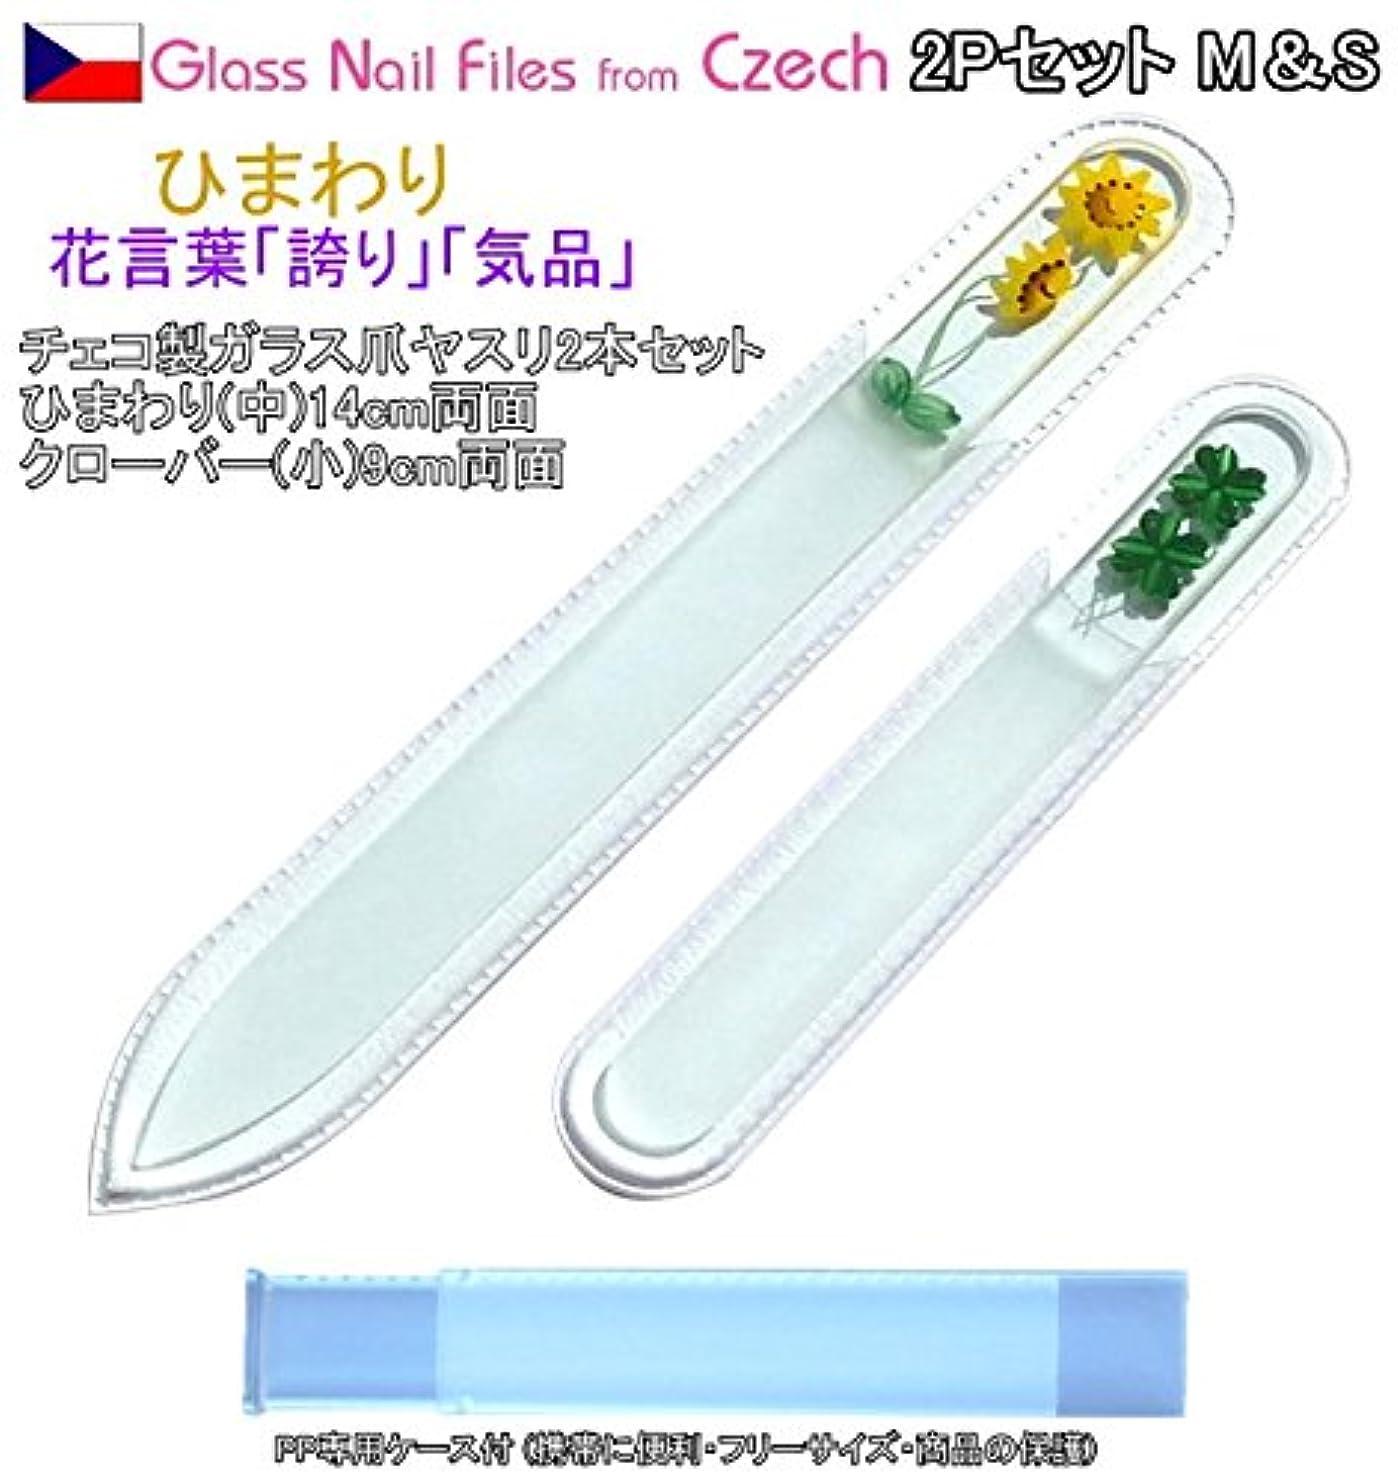 回想どれでも実験BISON チェコ製ガラス爪ヤスリ ひまわり 2本セット 14cm&9cm ミニクローバー 両面仕上げ 専用ケース付